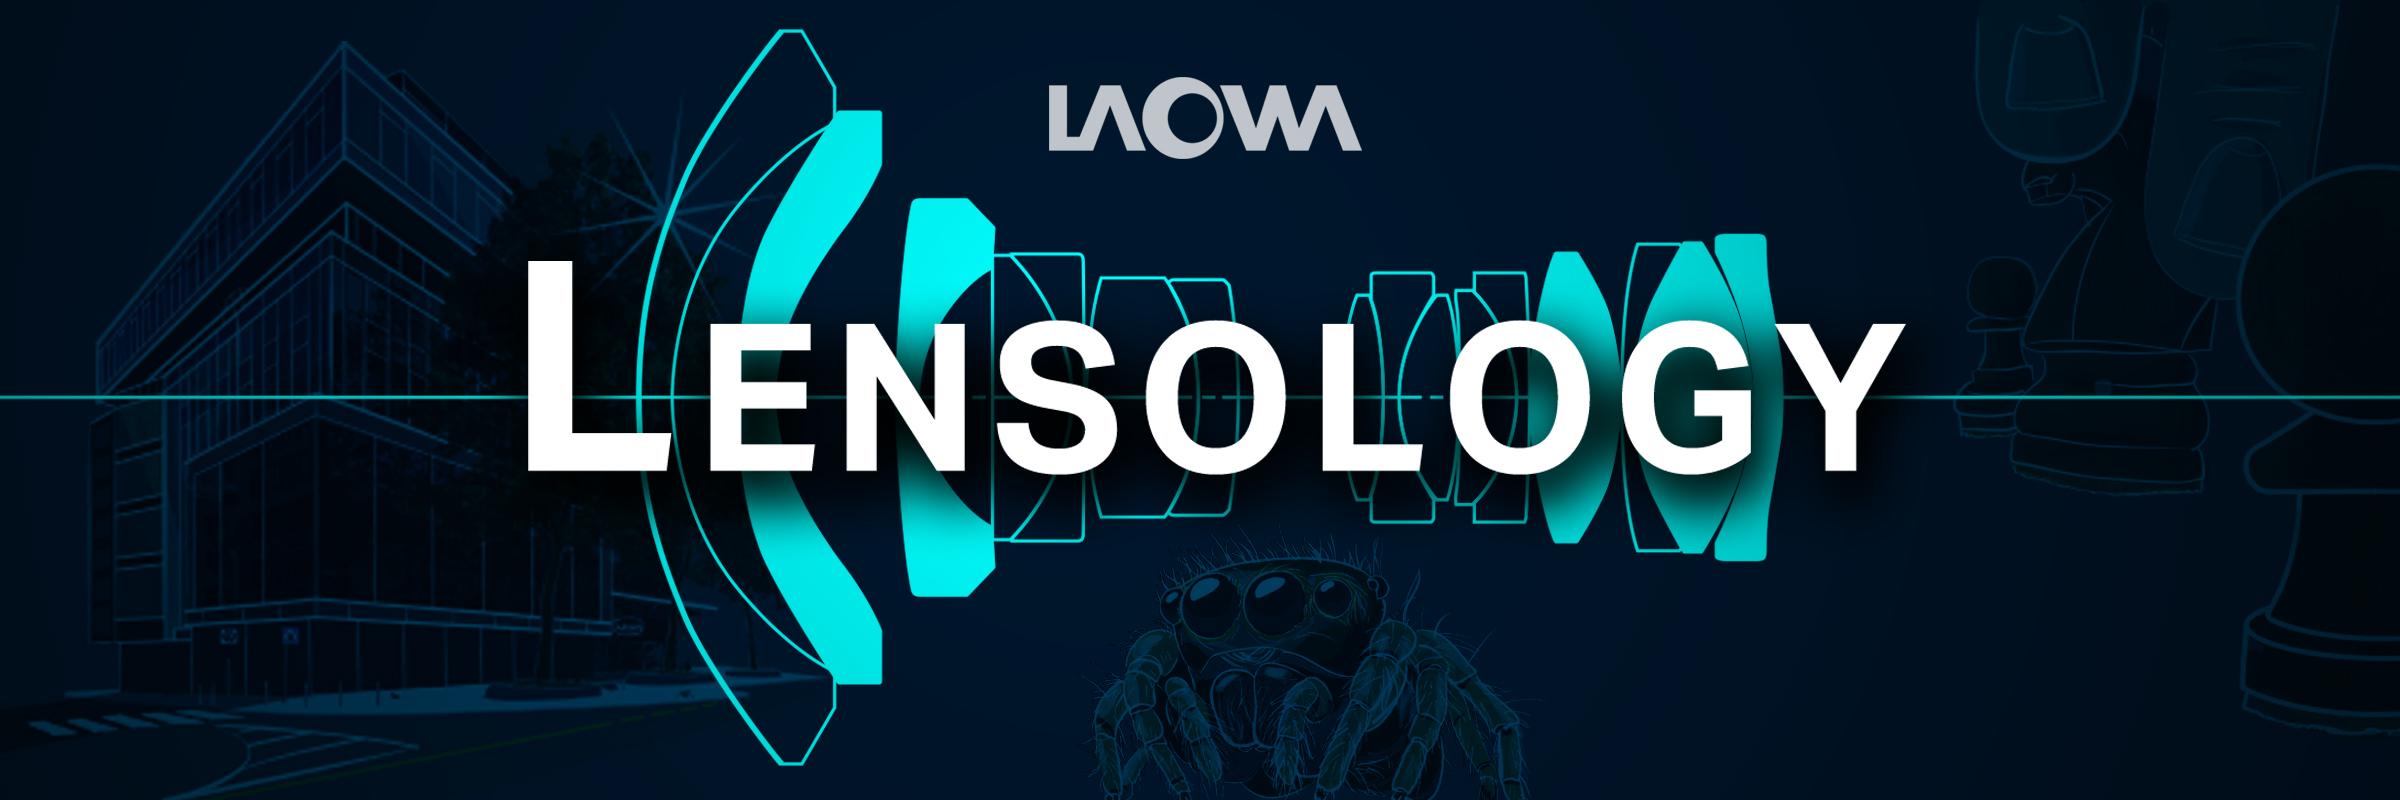 Lensology-Laowa